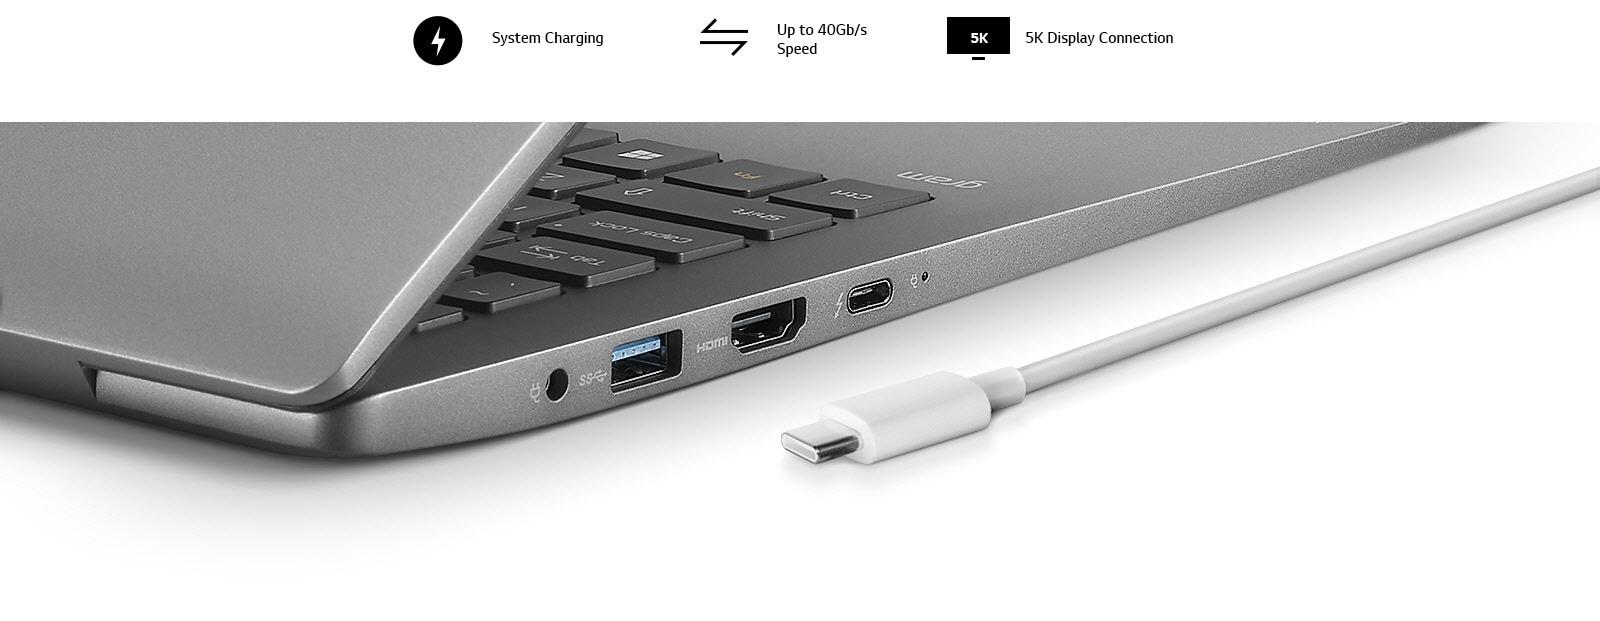 15.6 inch gram laptop Thunderbolt 3 port